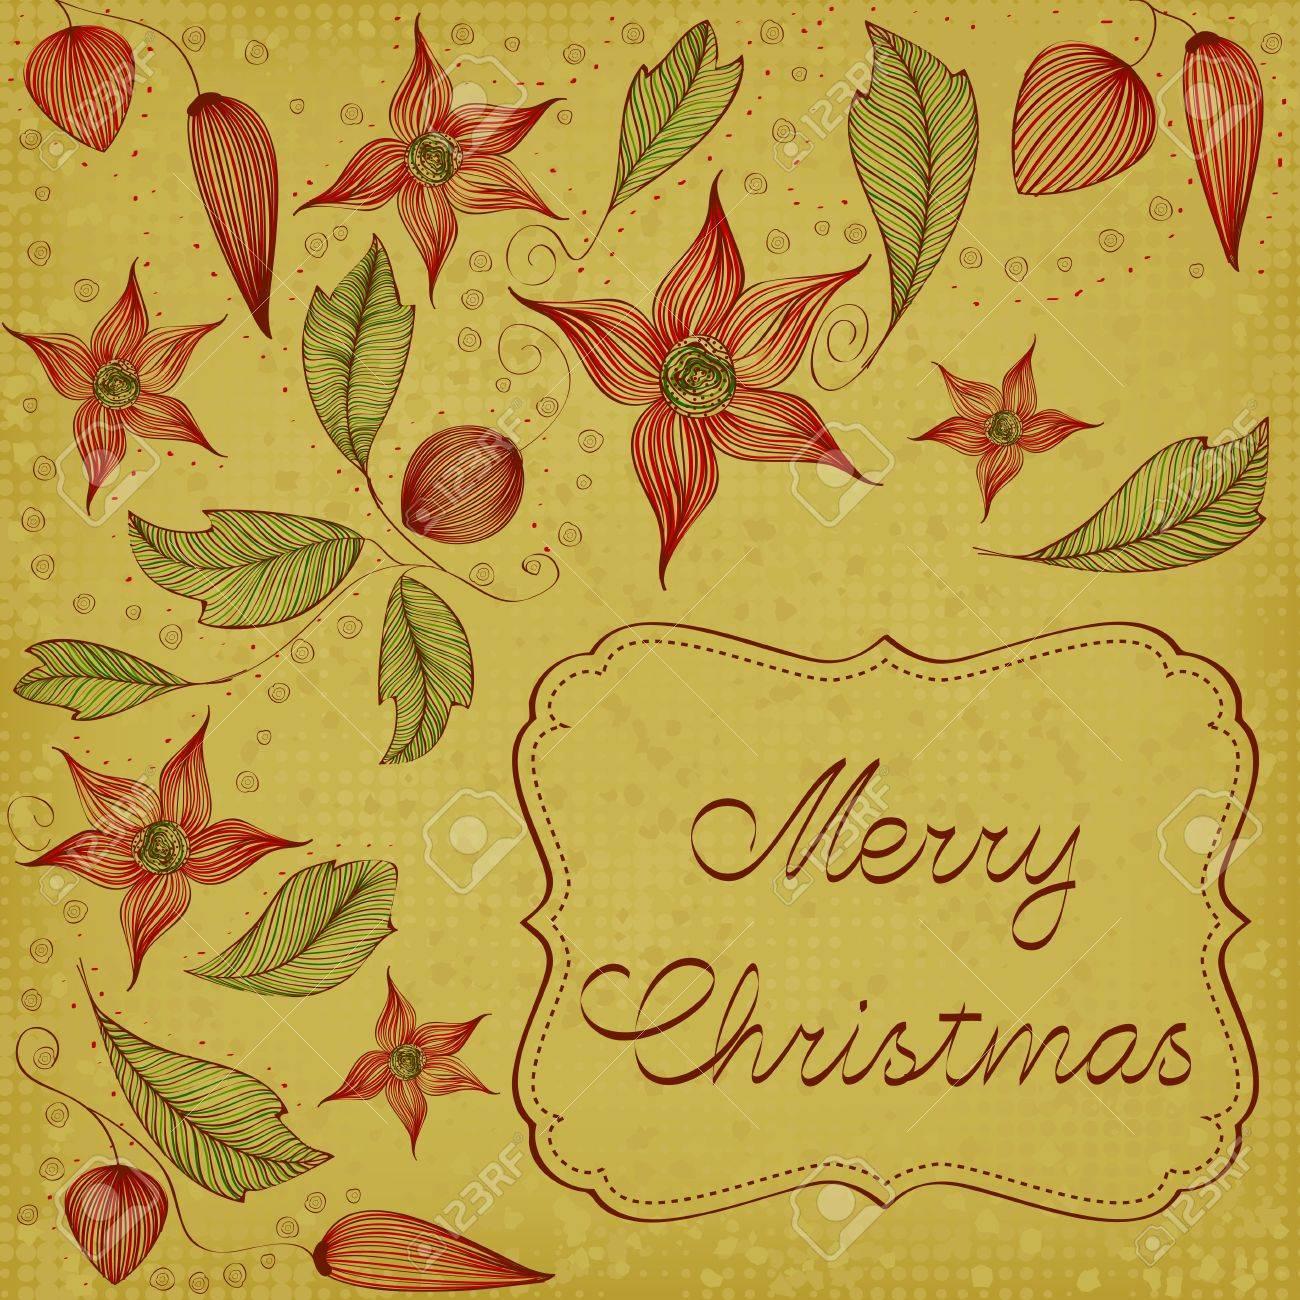 Art Nouveau Floral Christmas Card Royalty Free Cliparts, Vectors ...